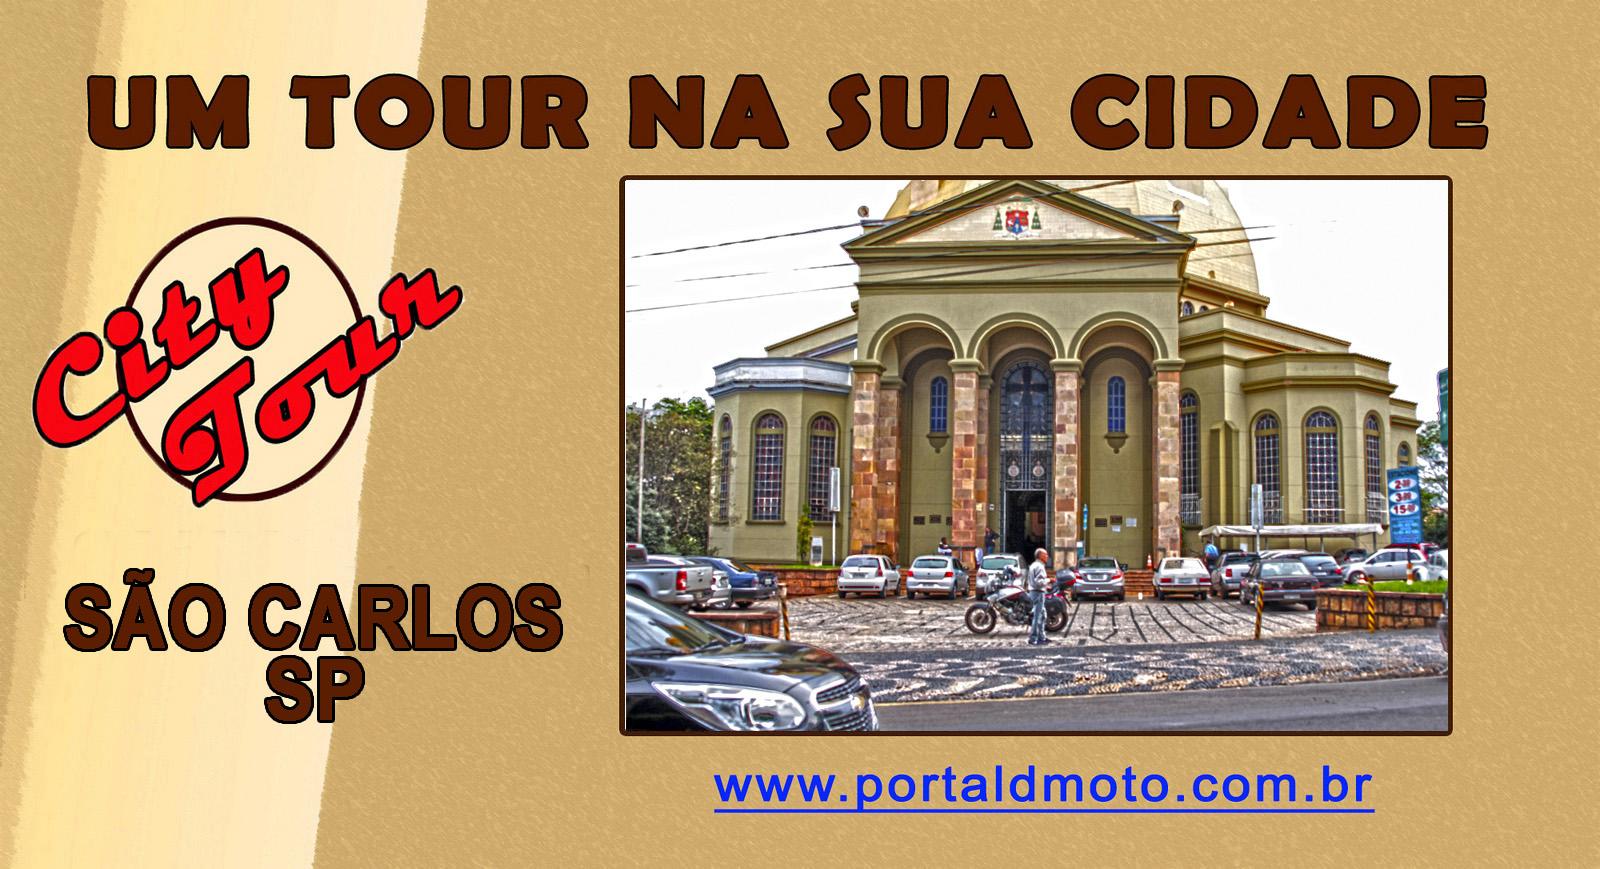 CITY TOUR = SÃO CARLOS